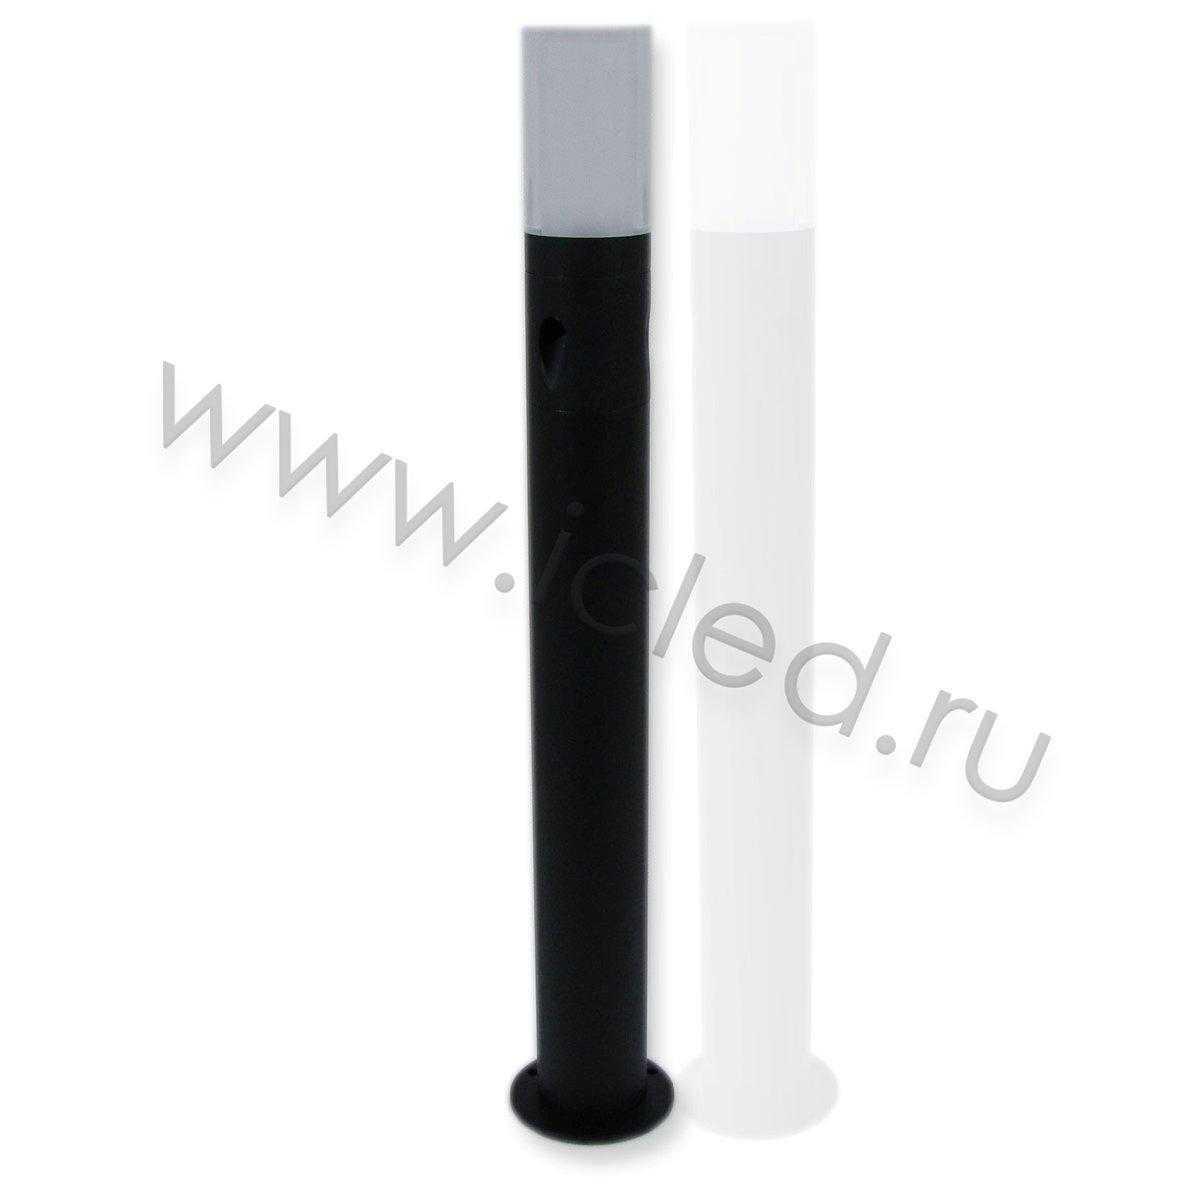 Светодиодный светильник столбик UCR7802D-500 BA, White